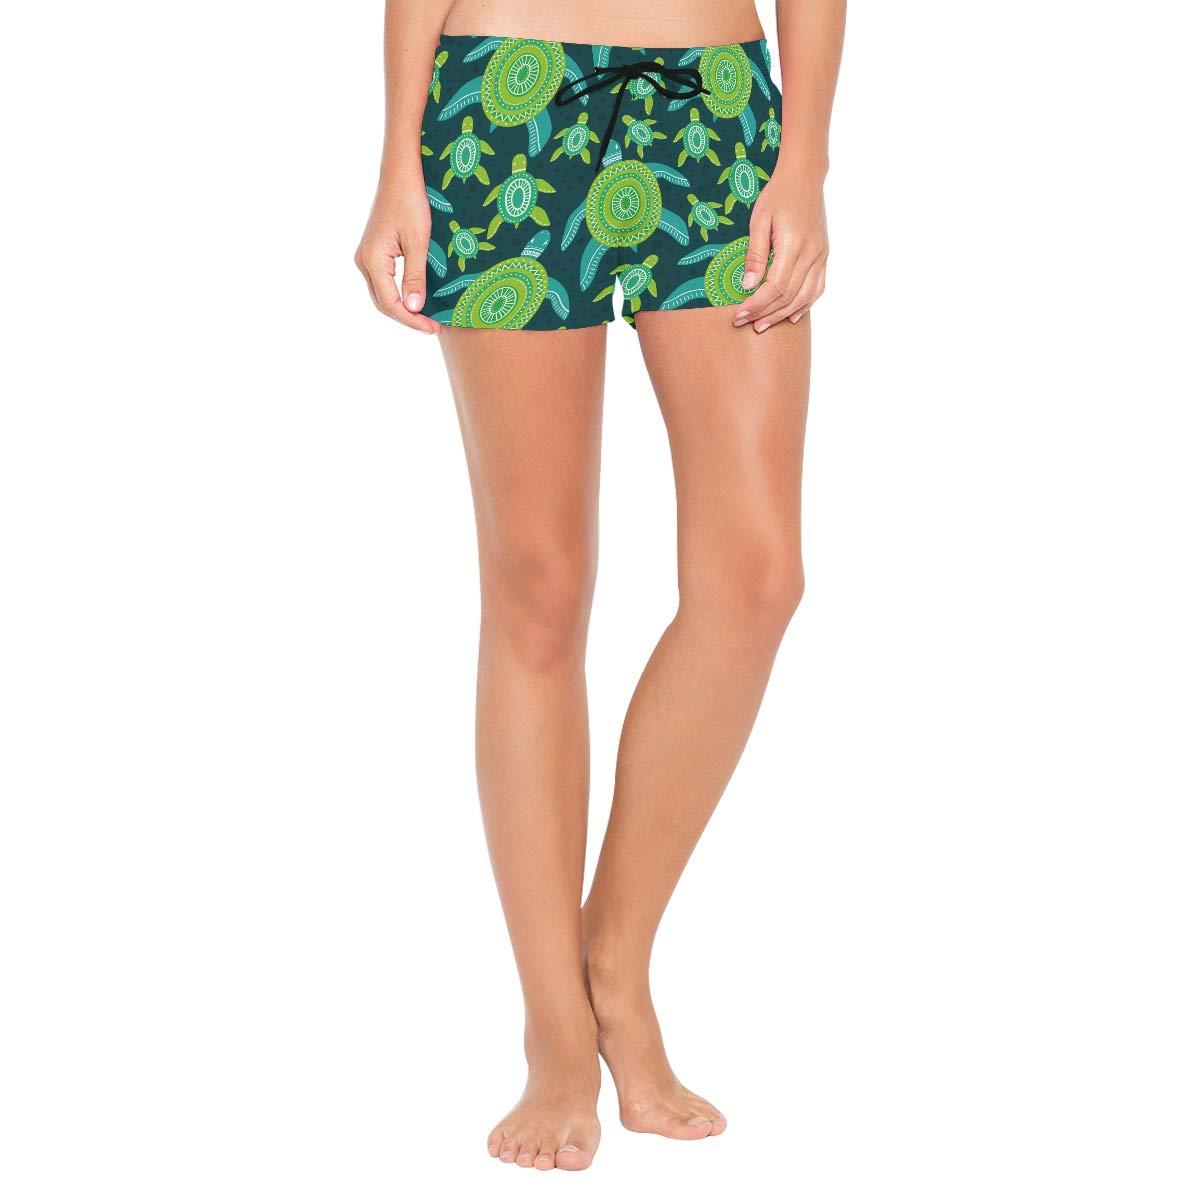 CENHOME Women Swim Trunks Watercolor Green Sea Turtles Pattern Beach Board Shorts